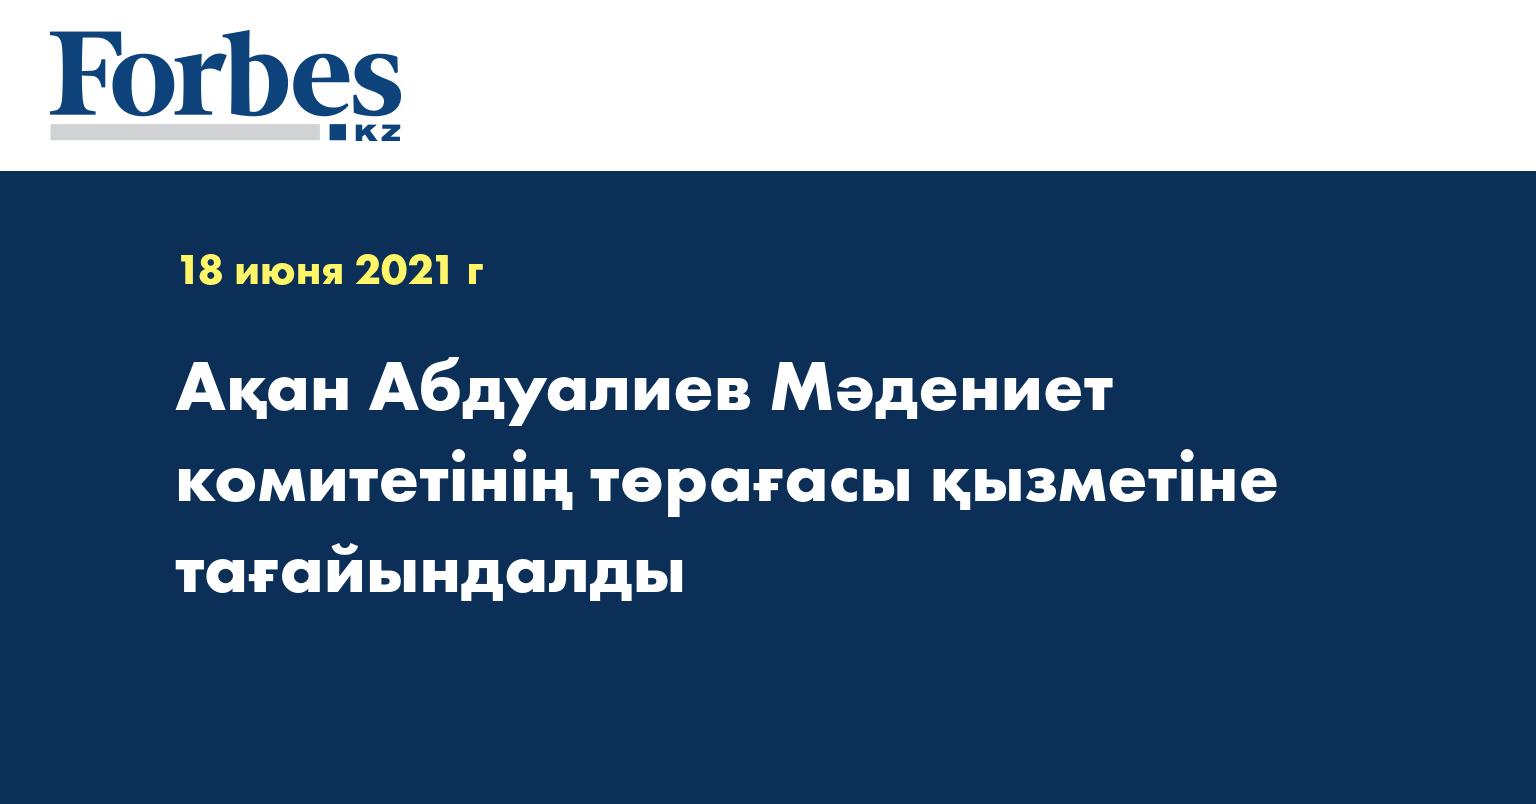 Ақан Абдуалиев Мəдениет комитетінің төрағасы қызметіне тағайындалды